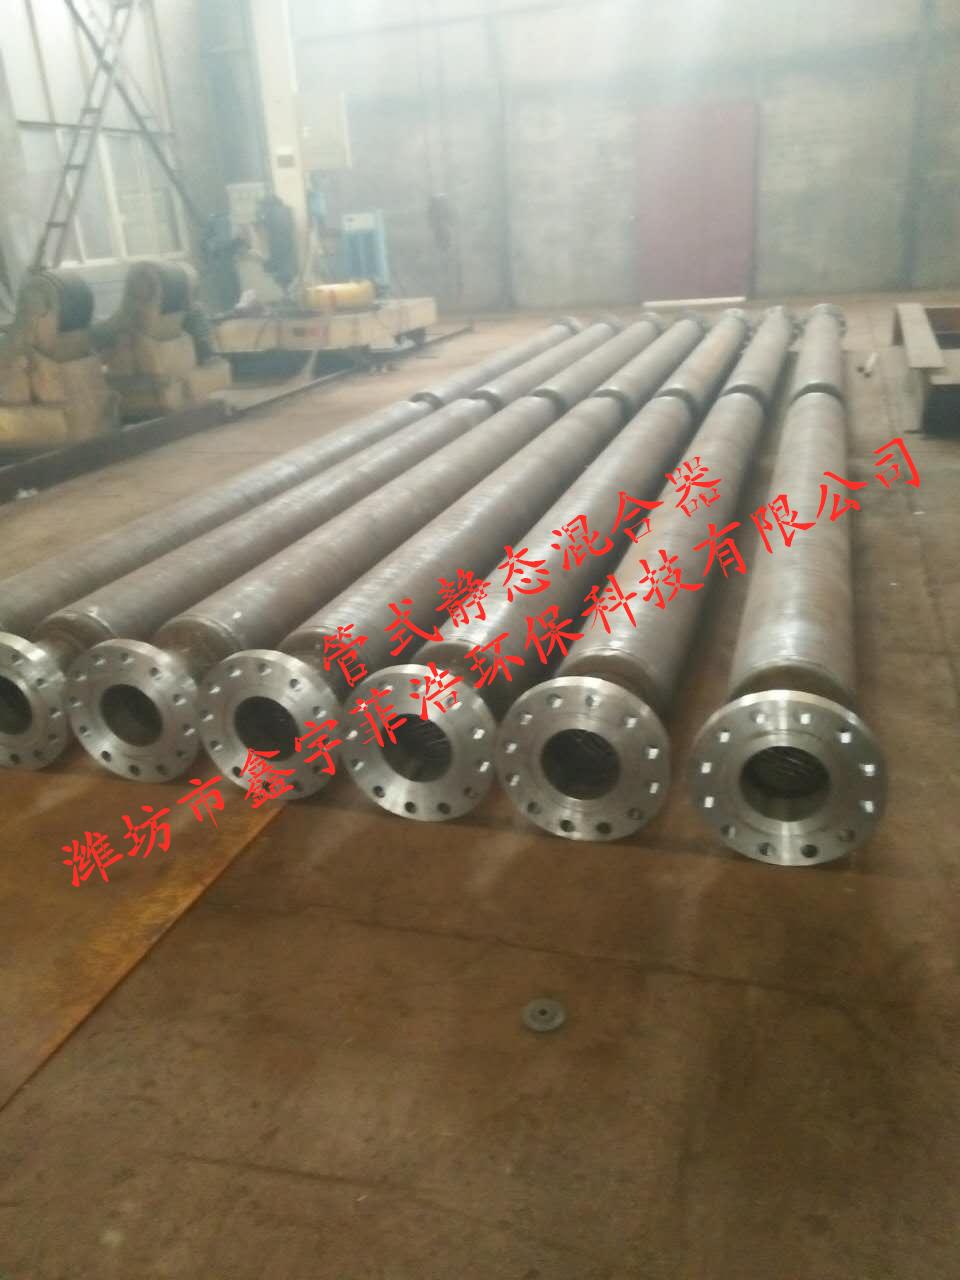 鑫宇菲浩不锈钢管式静态混合反应器XYHF-80型4600元